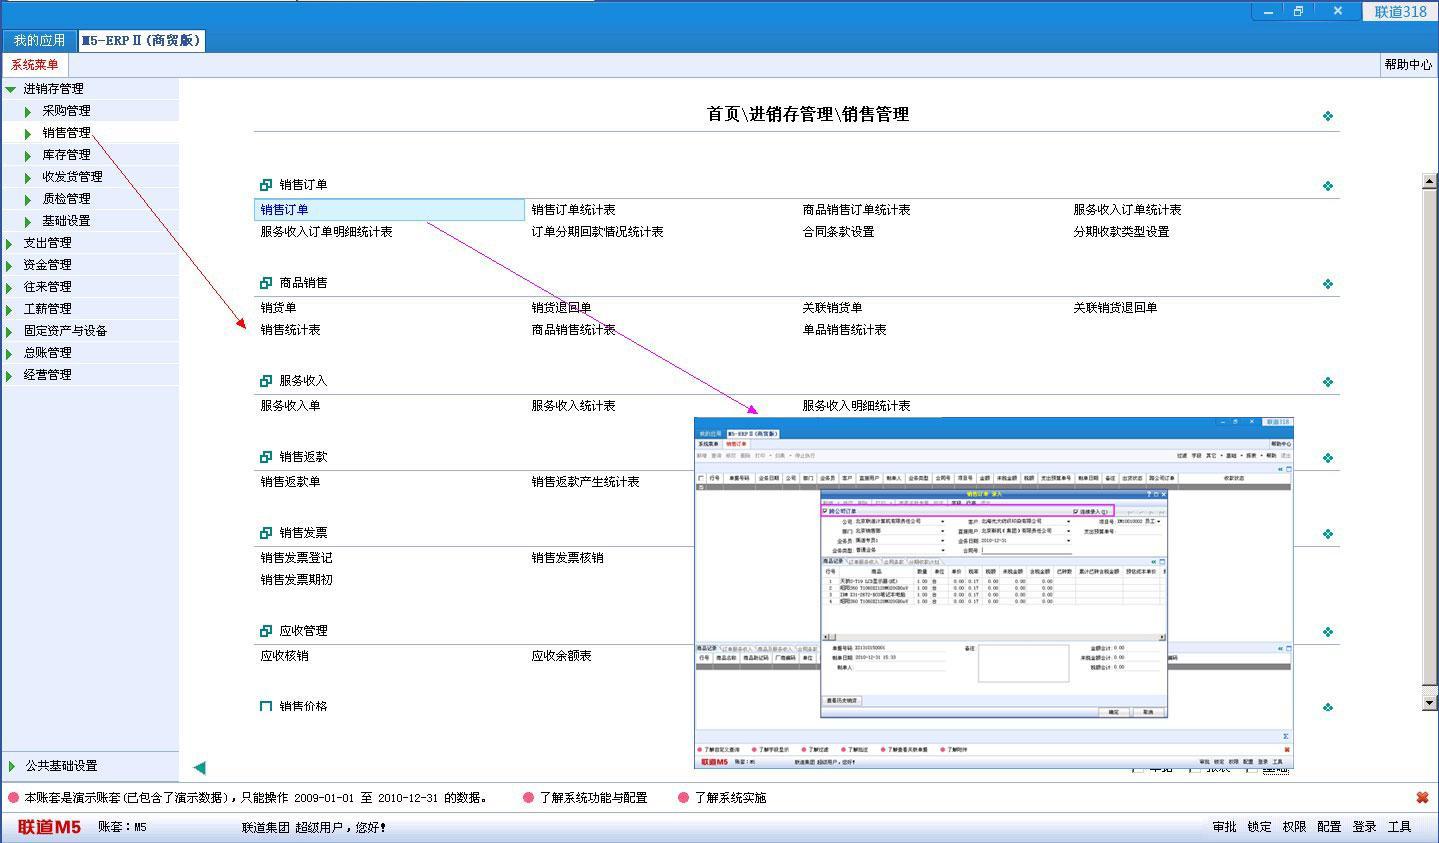 联道M5 ERPⅡ--进销存管理